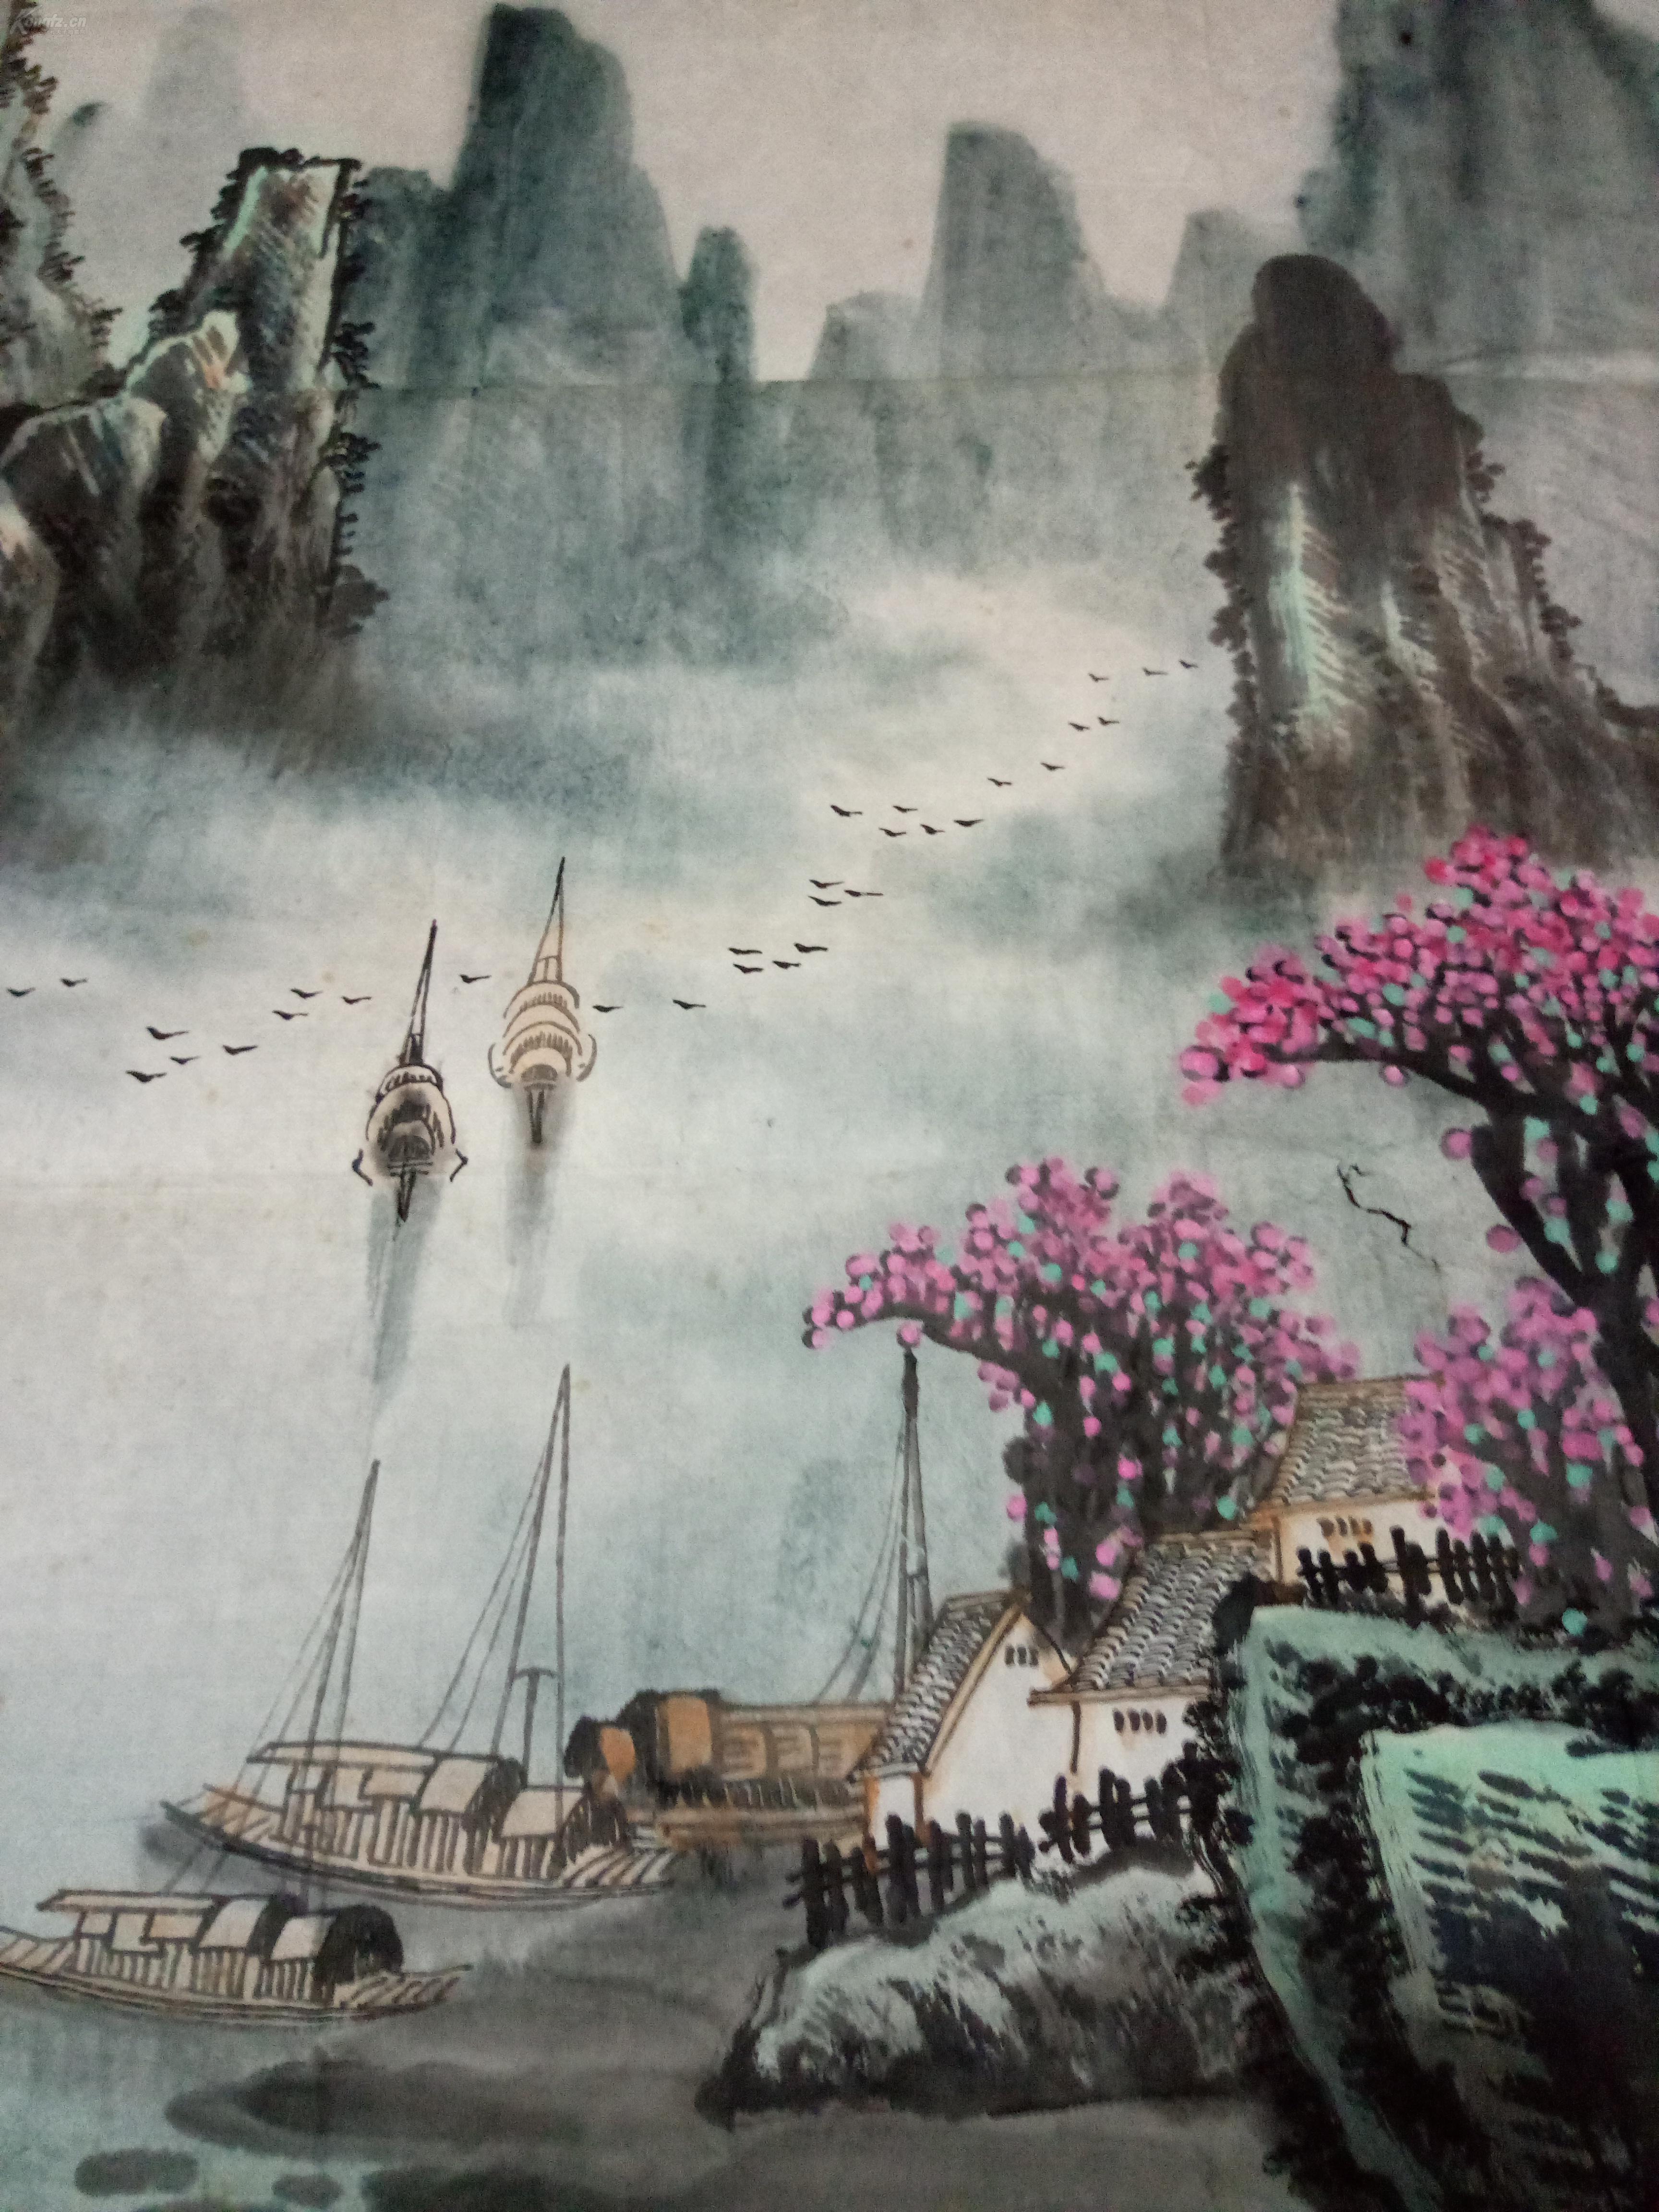 广西桂林画院九十年代的老画,大幅山水画,[漓江春色]图片